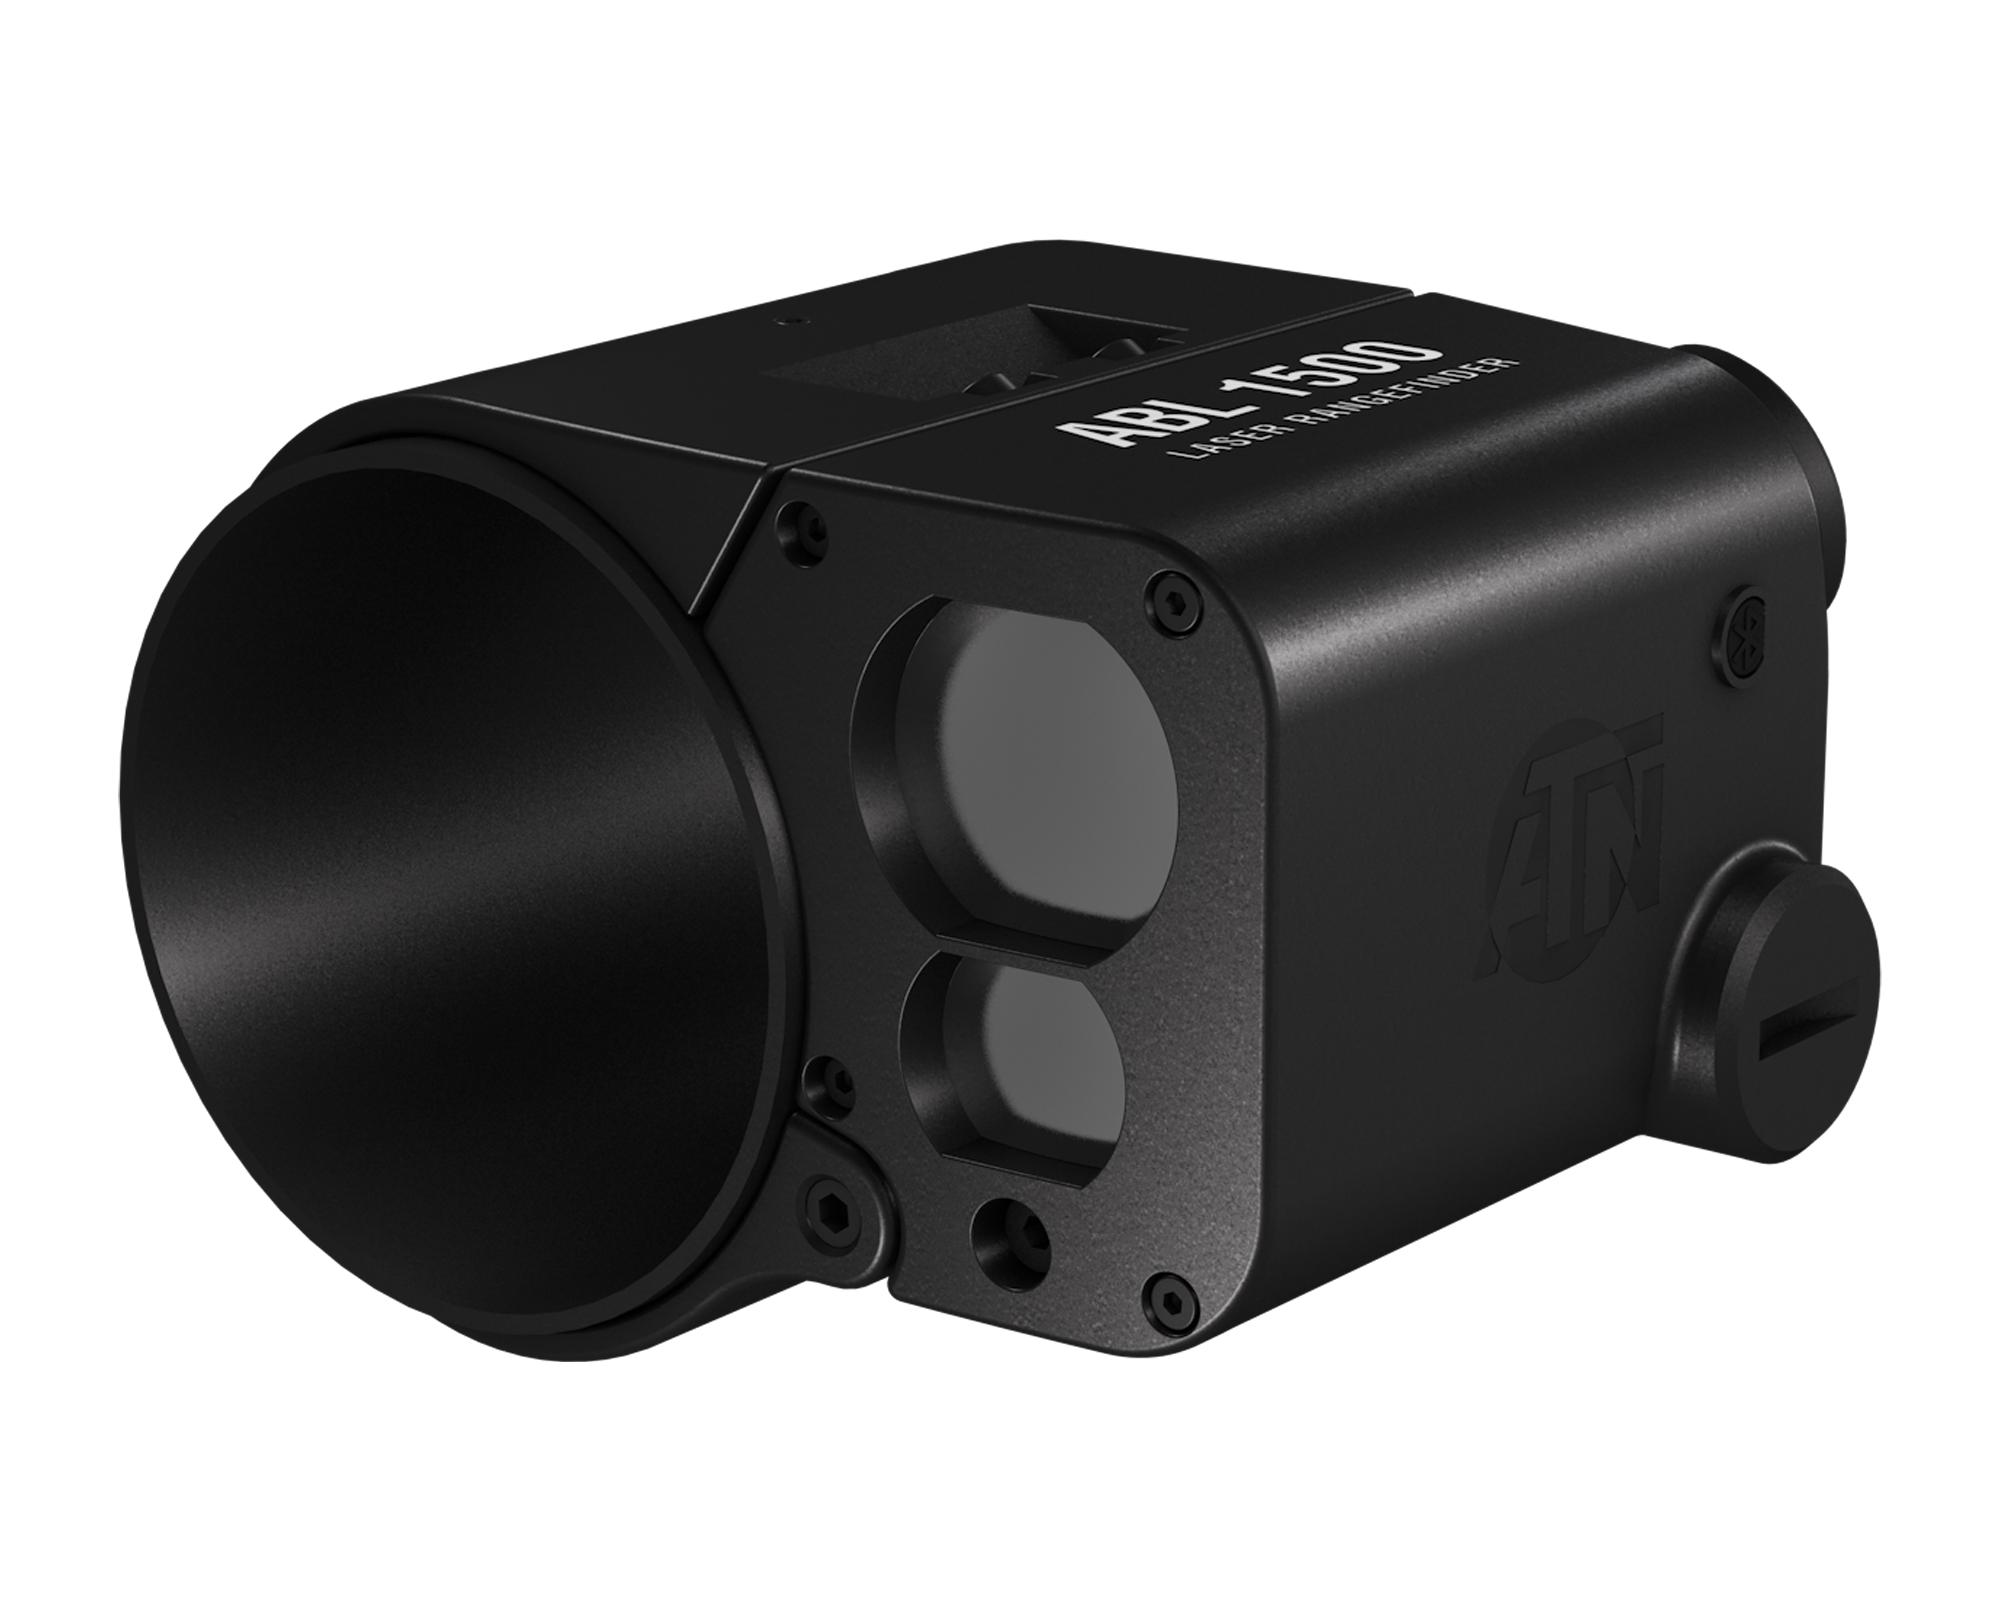 Фото - Лазерный дальномер ATN Auxiliary Ballistic Laser 1500 (+ Автомобильные коврики в подарок!) дальномер huayi ms6400